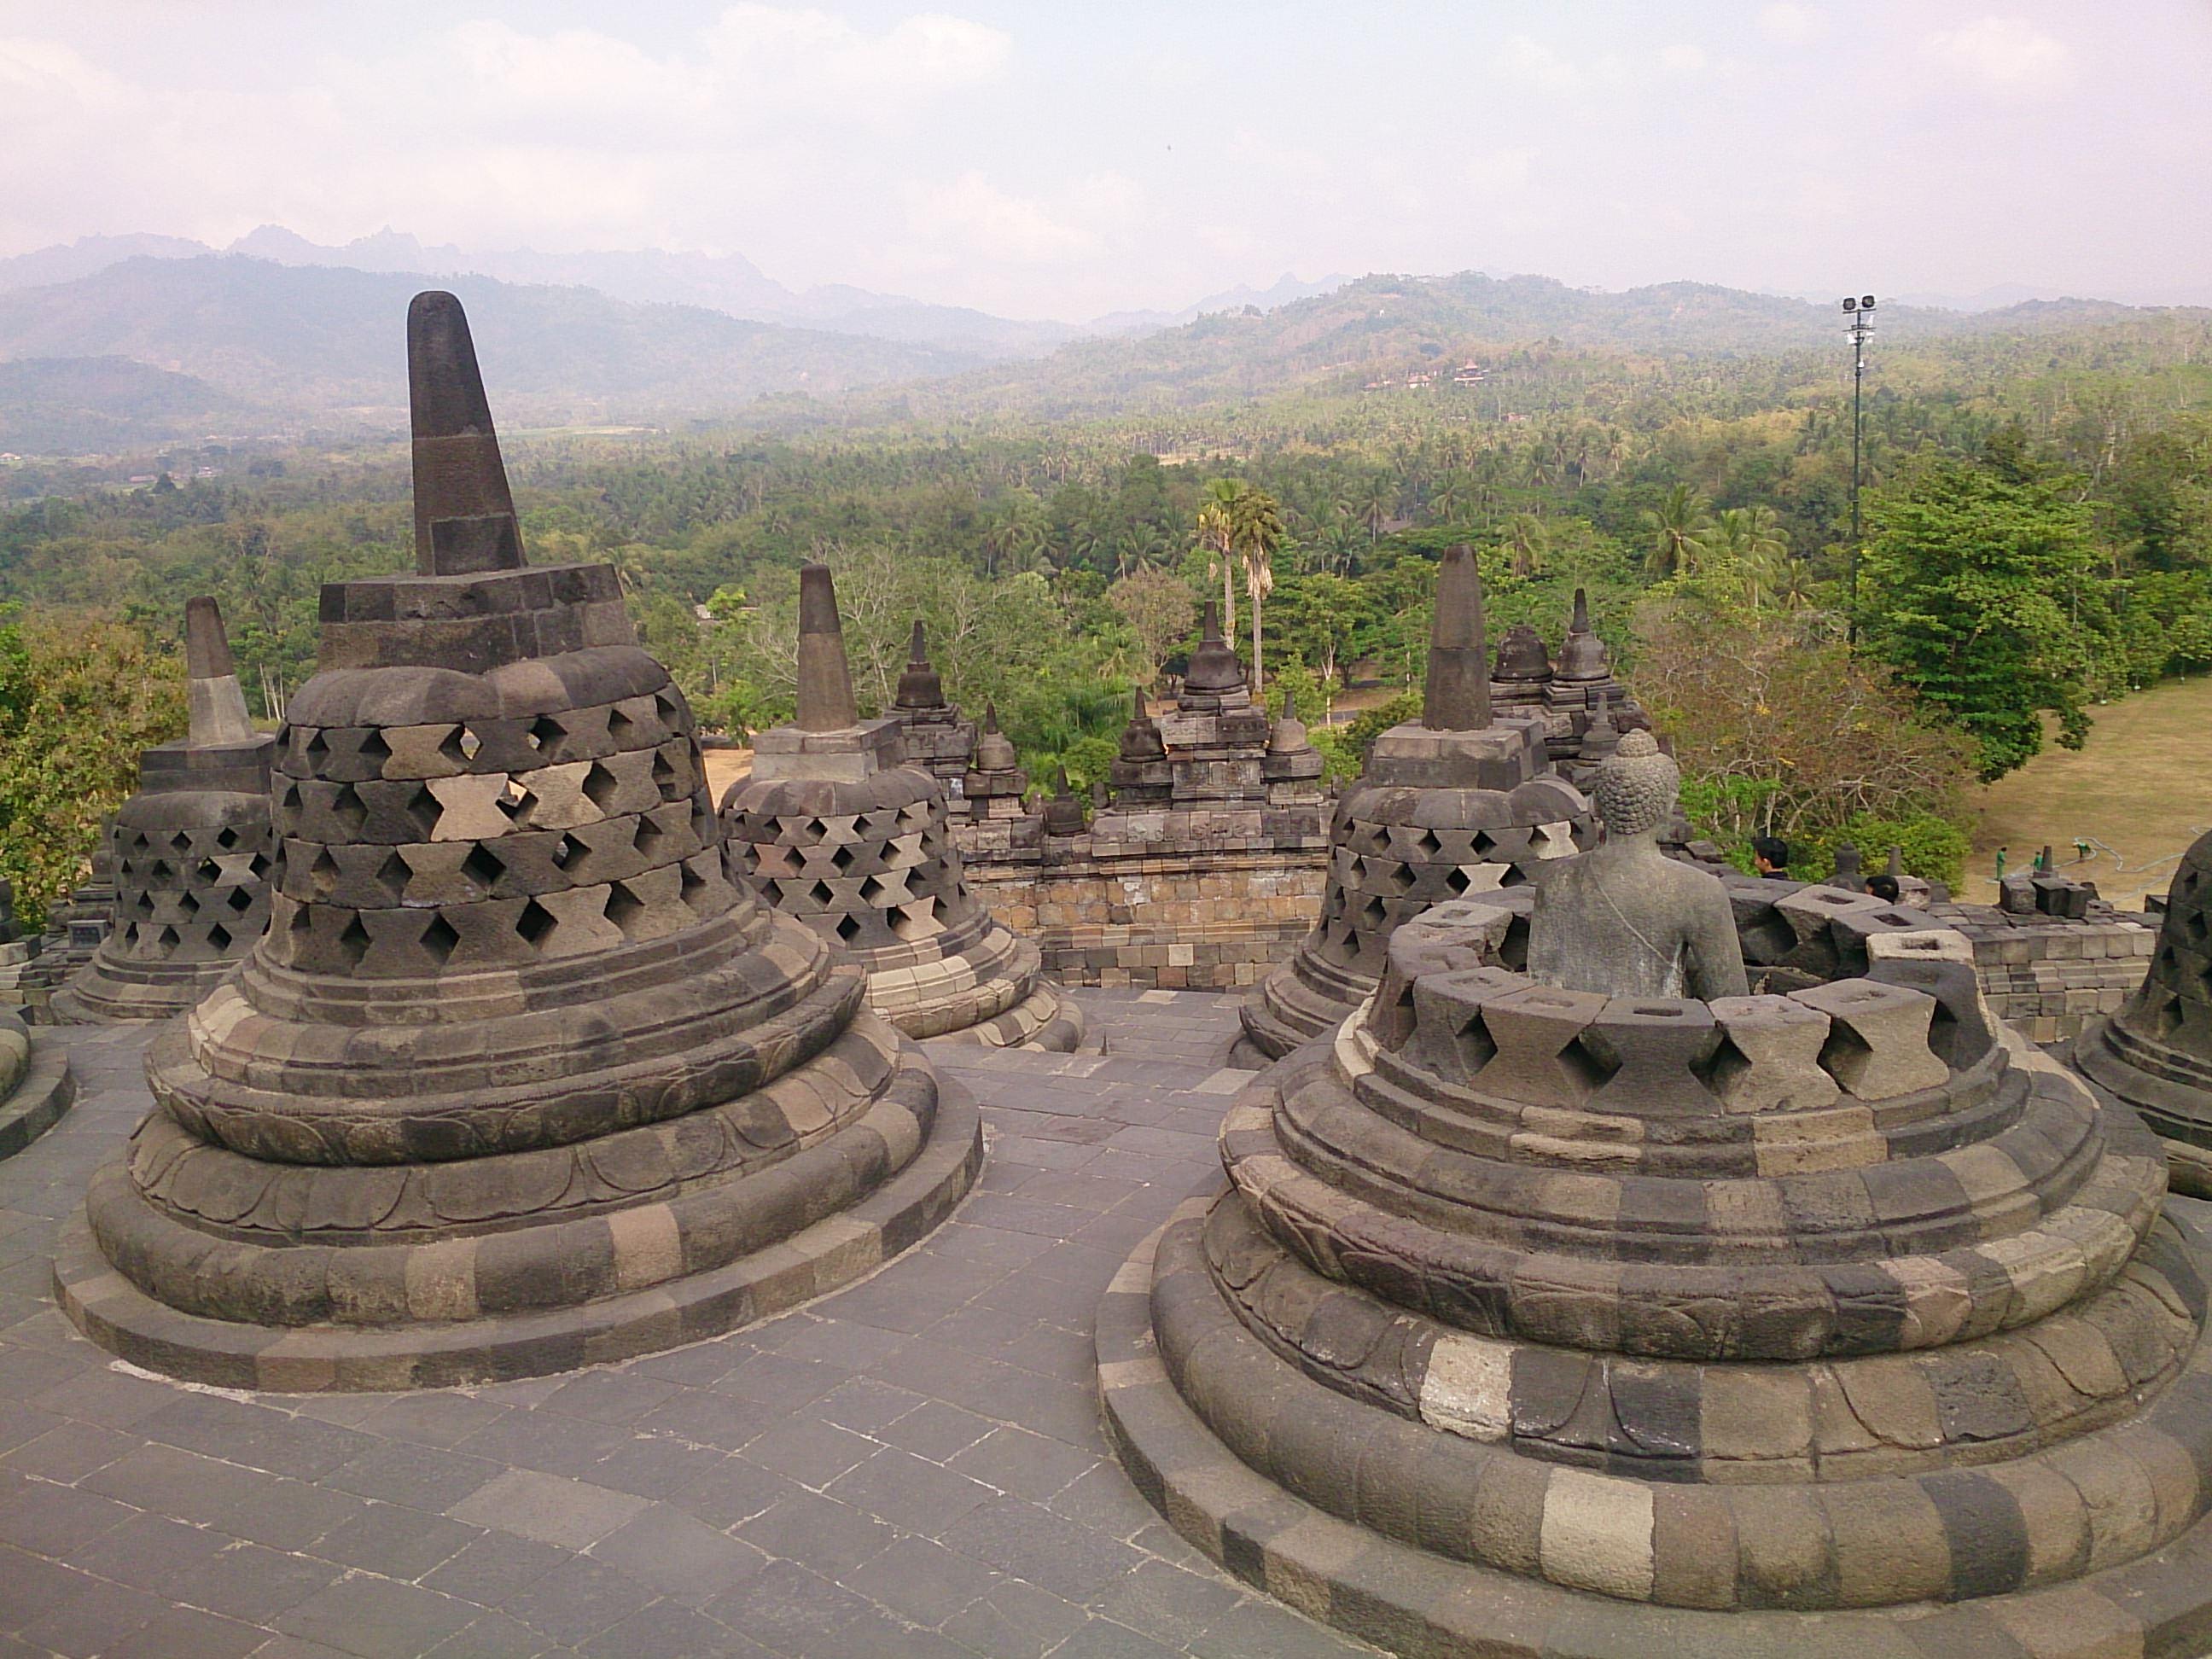 謎に包まれた世界最大の大乗仏教寺院跡 ボロブドゥール